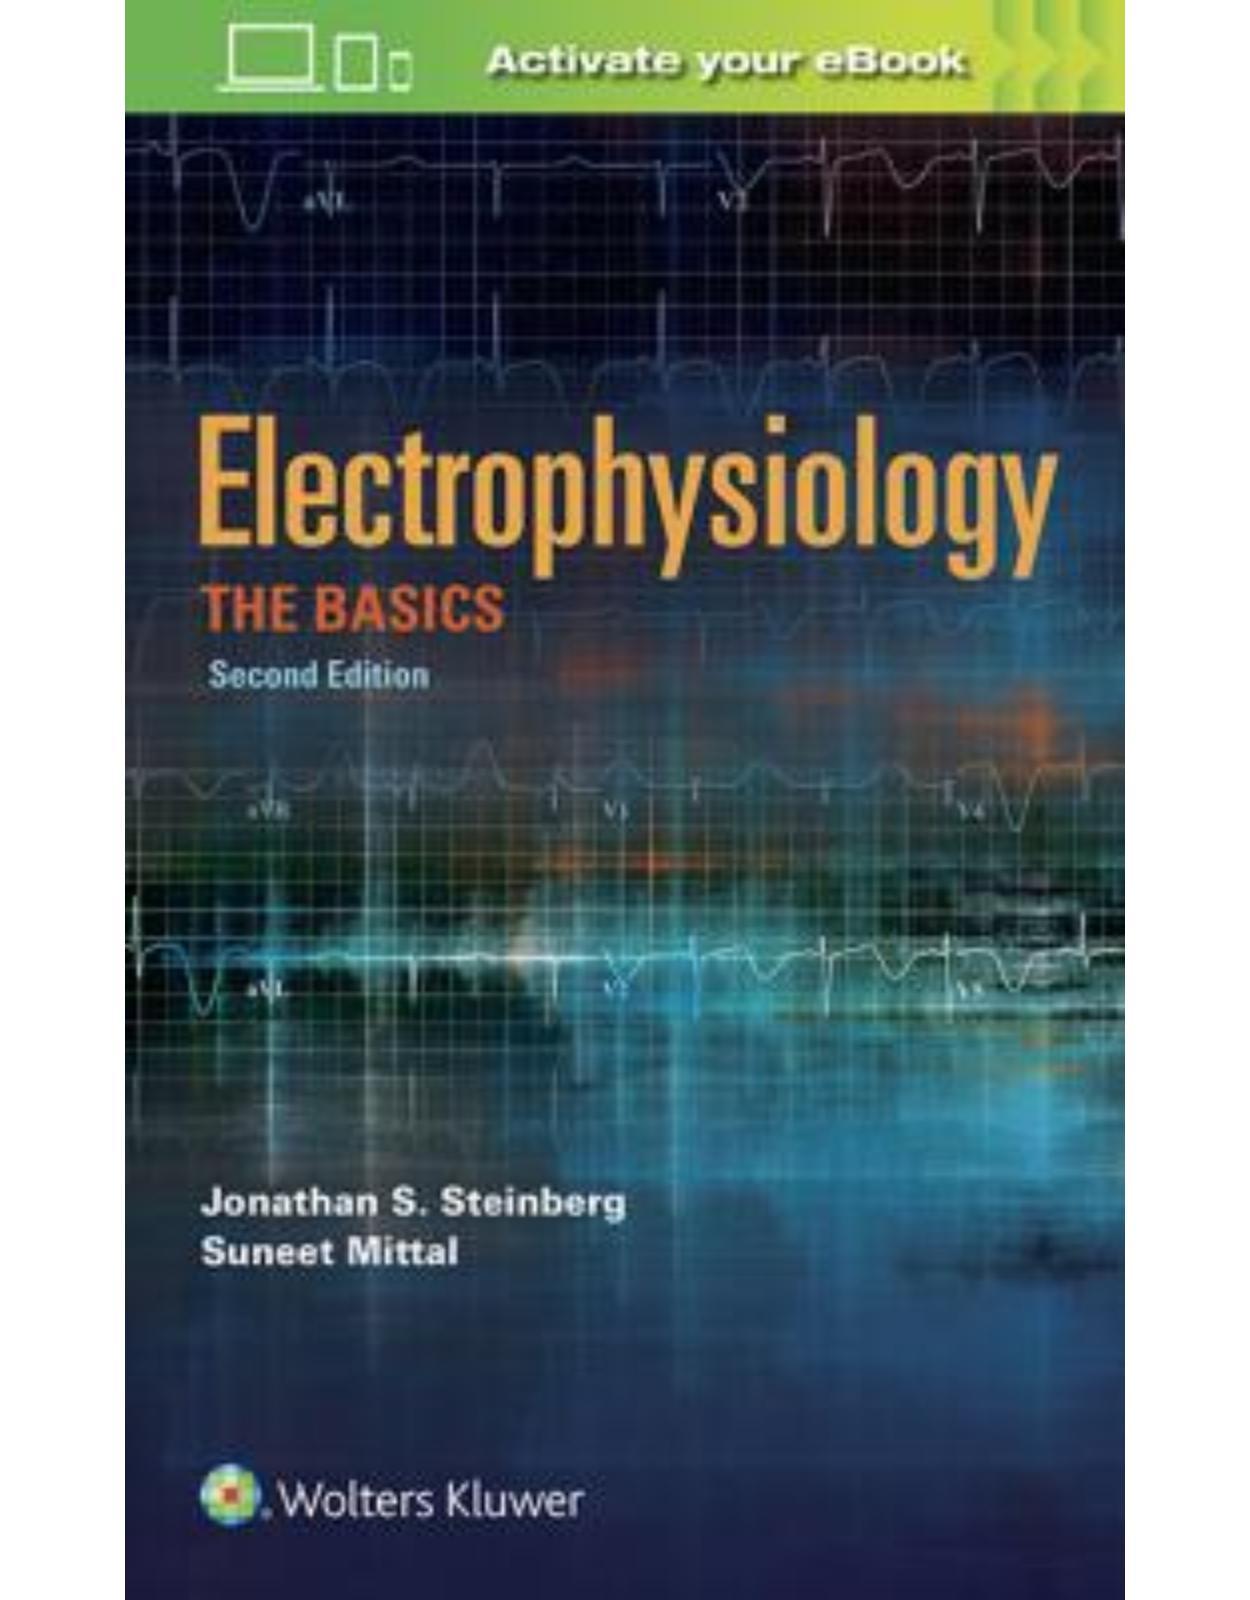 Electrophysiology: The Basics, 2e THE BASICS